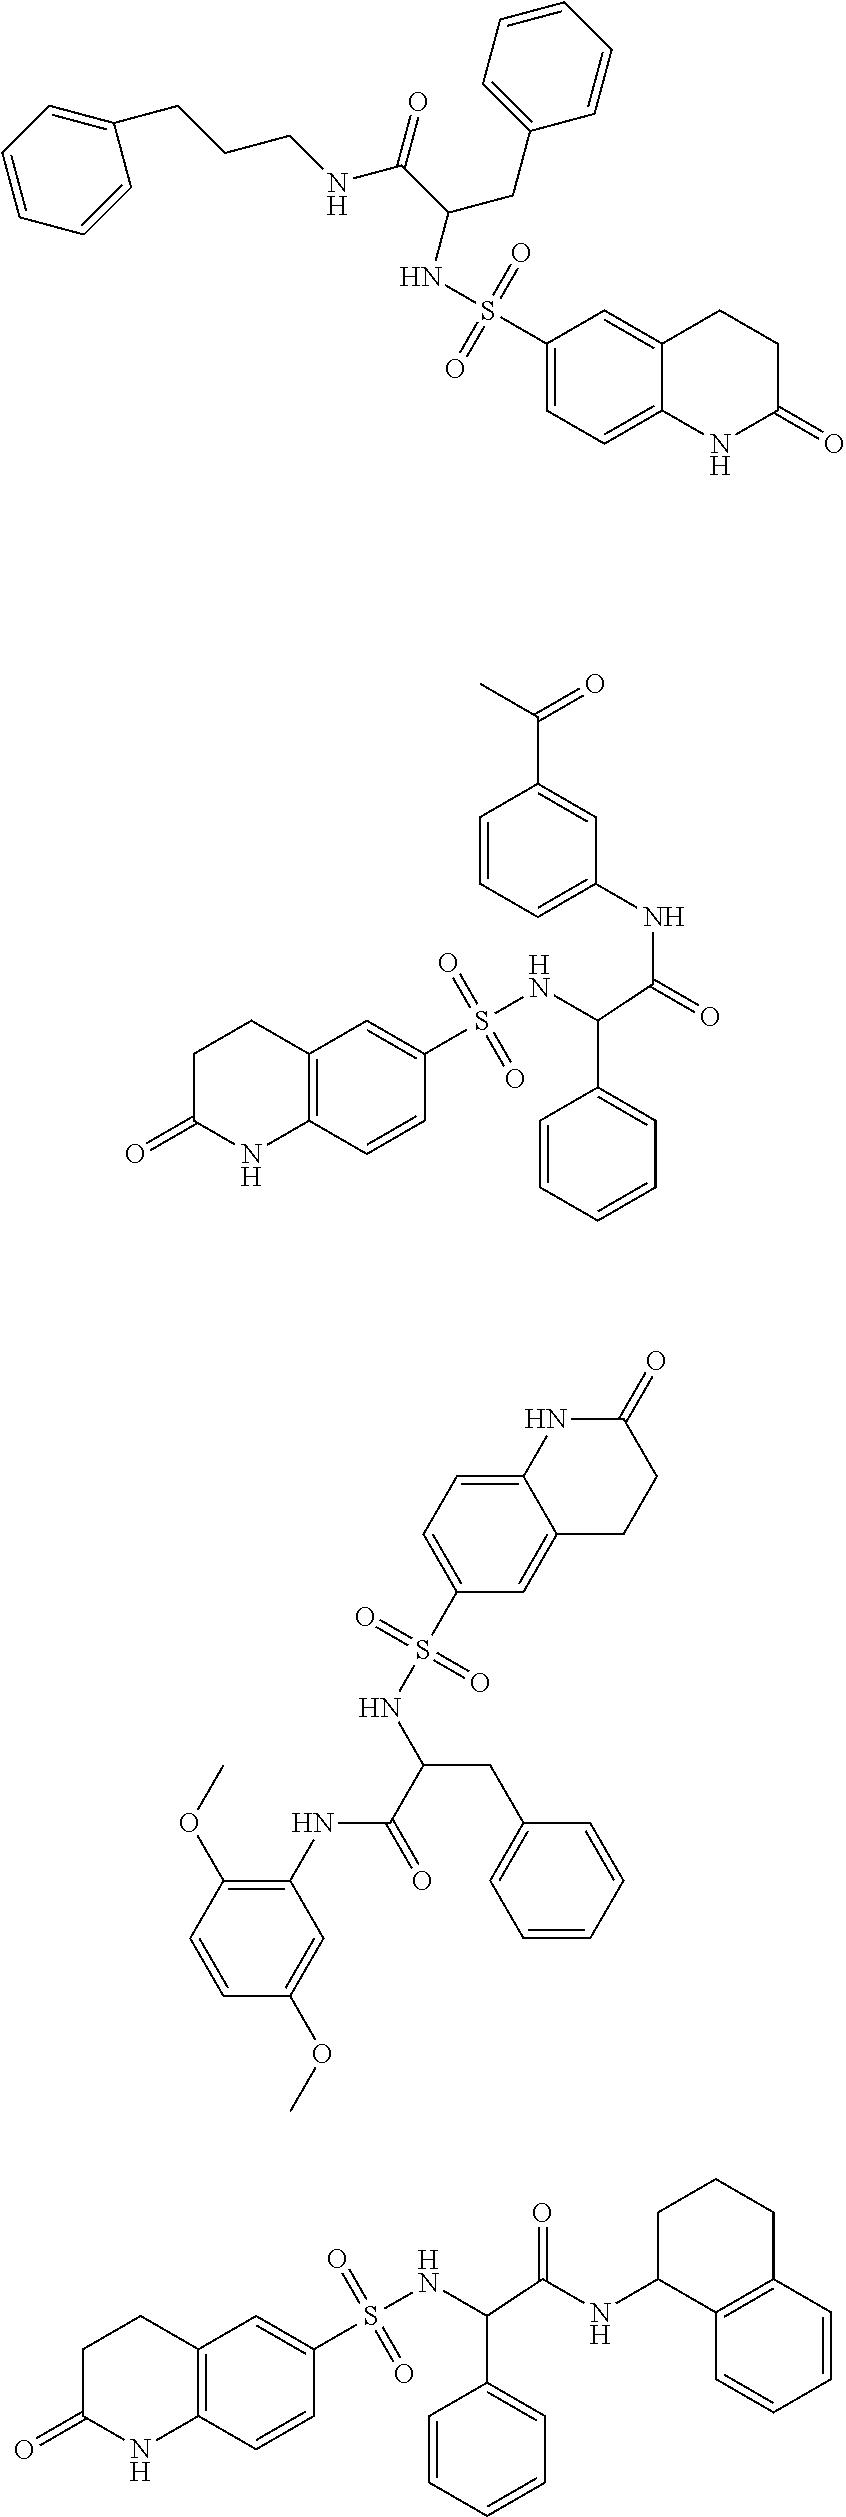 Figure US08957075-20150217-C00006